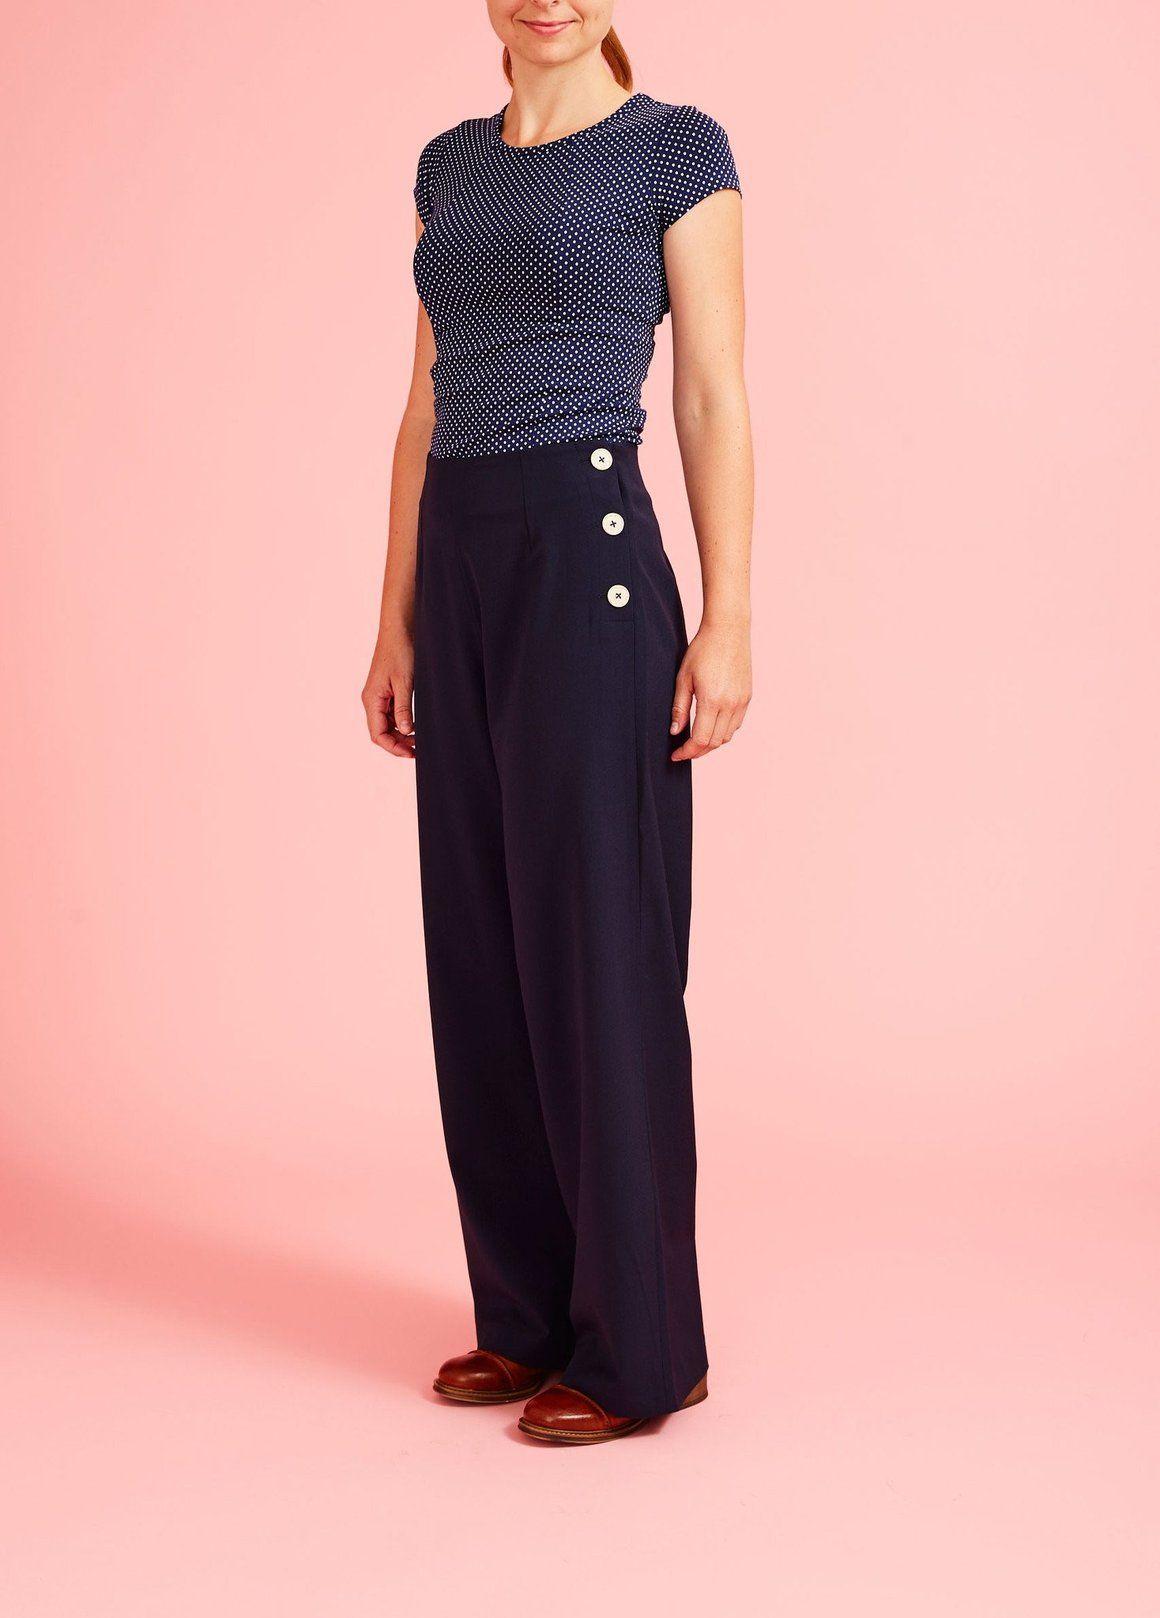 23960d24 Mørkeblå, højtaljede bukser med lige, vide ben og hvide knapper i siden.  Inspireret